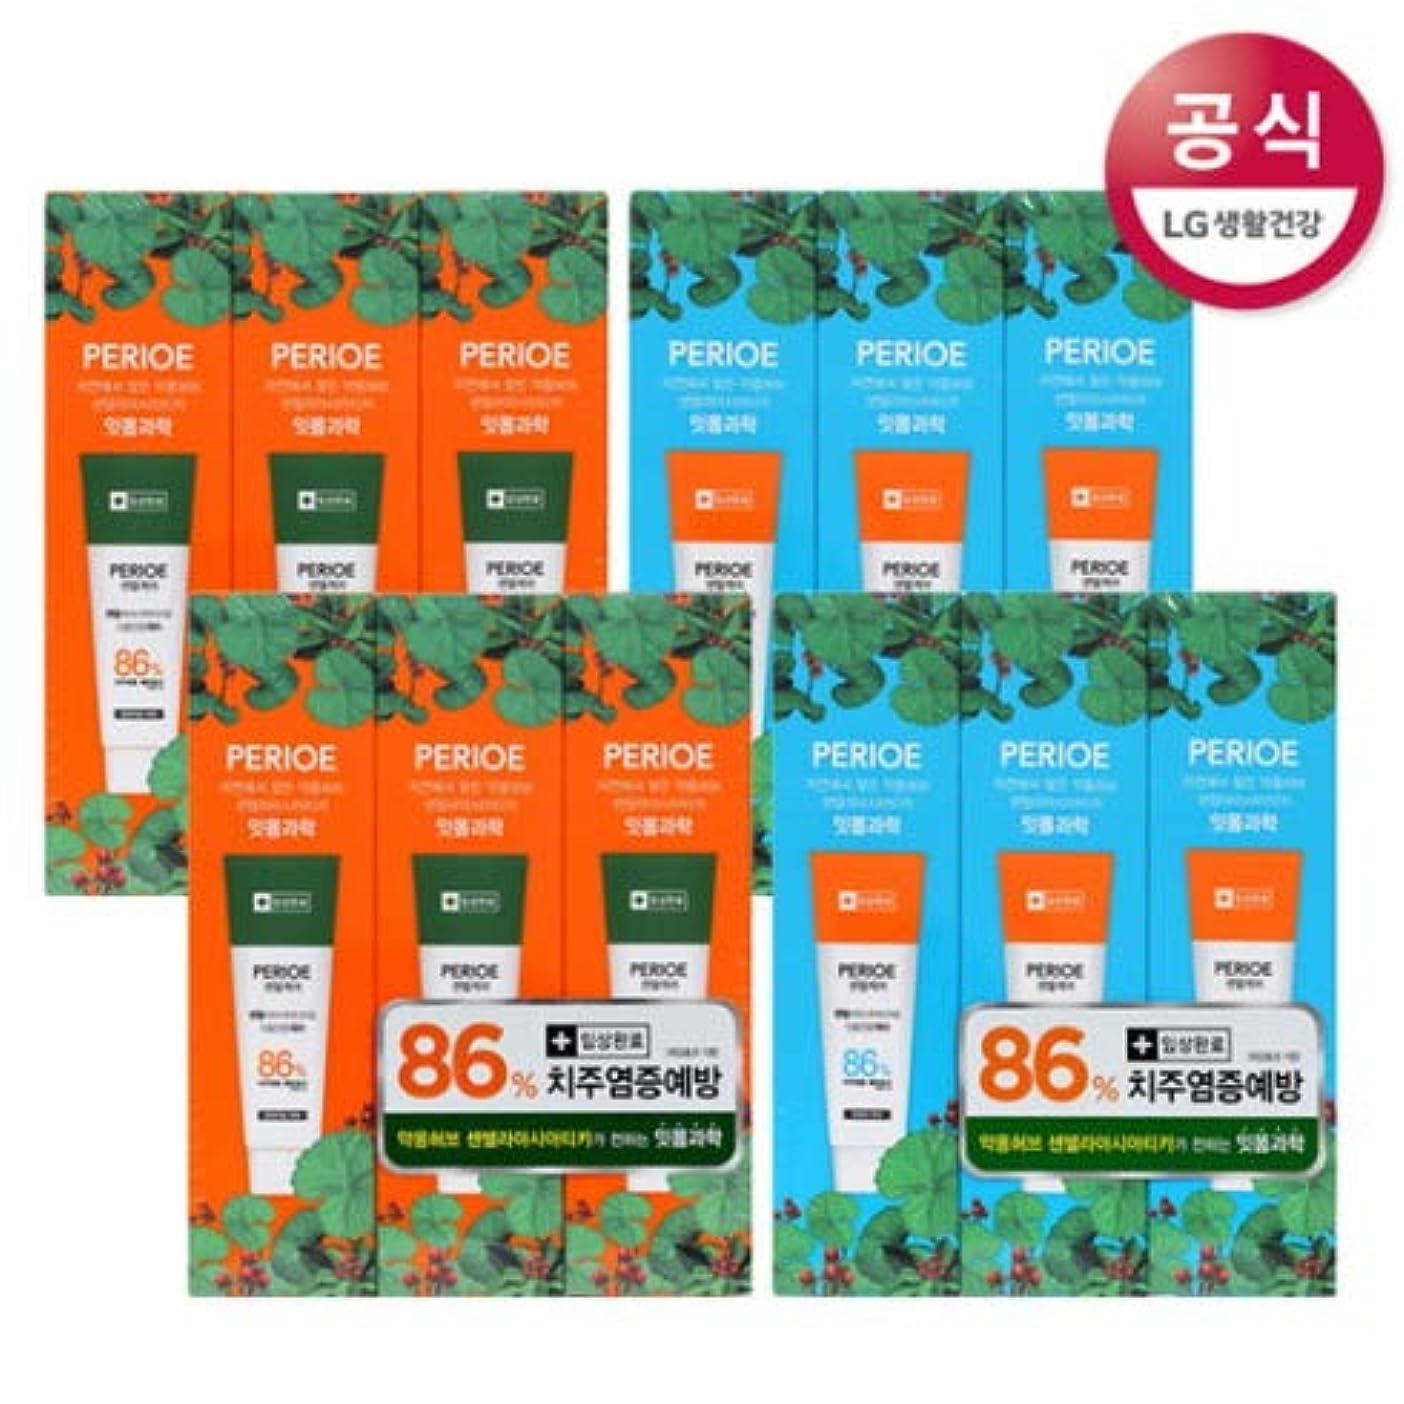 ファン望まない行[LG HnB] Perio centel care toothpaste/ペリオセンテルケア歯磨き粉 100gx12個(海外直送品)